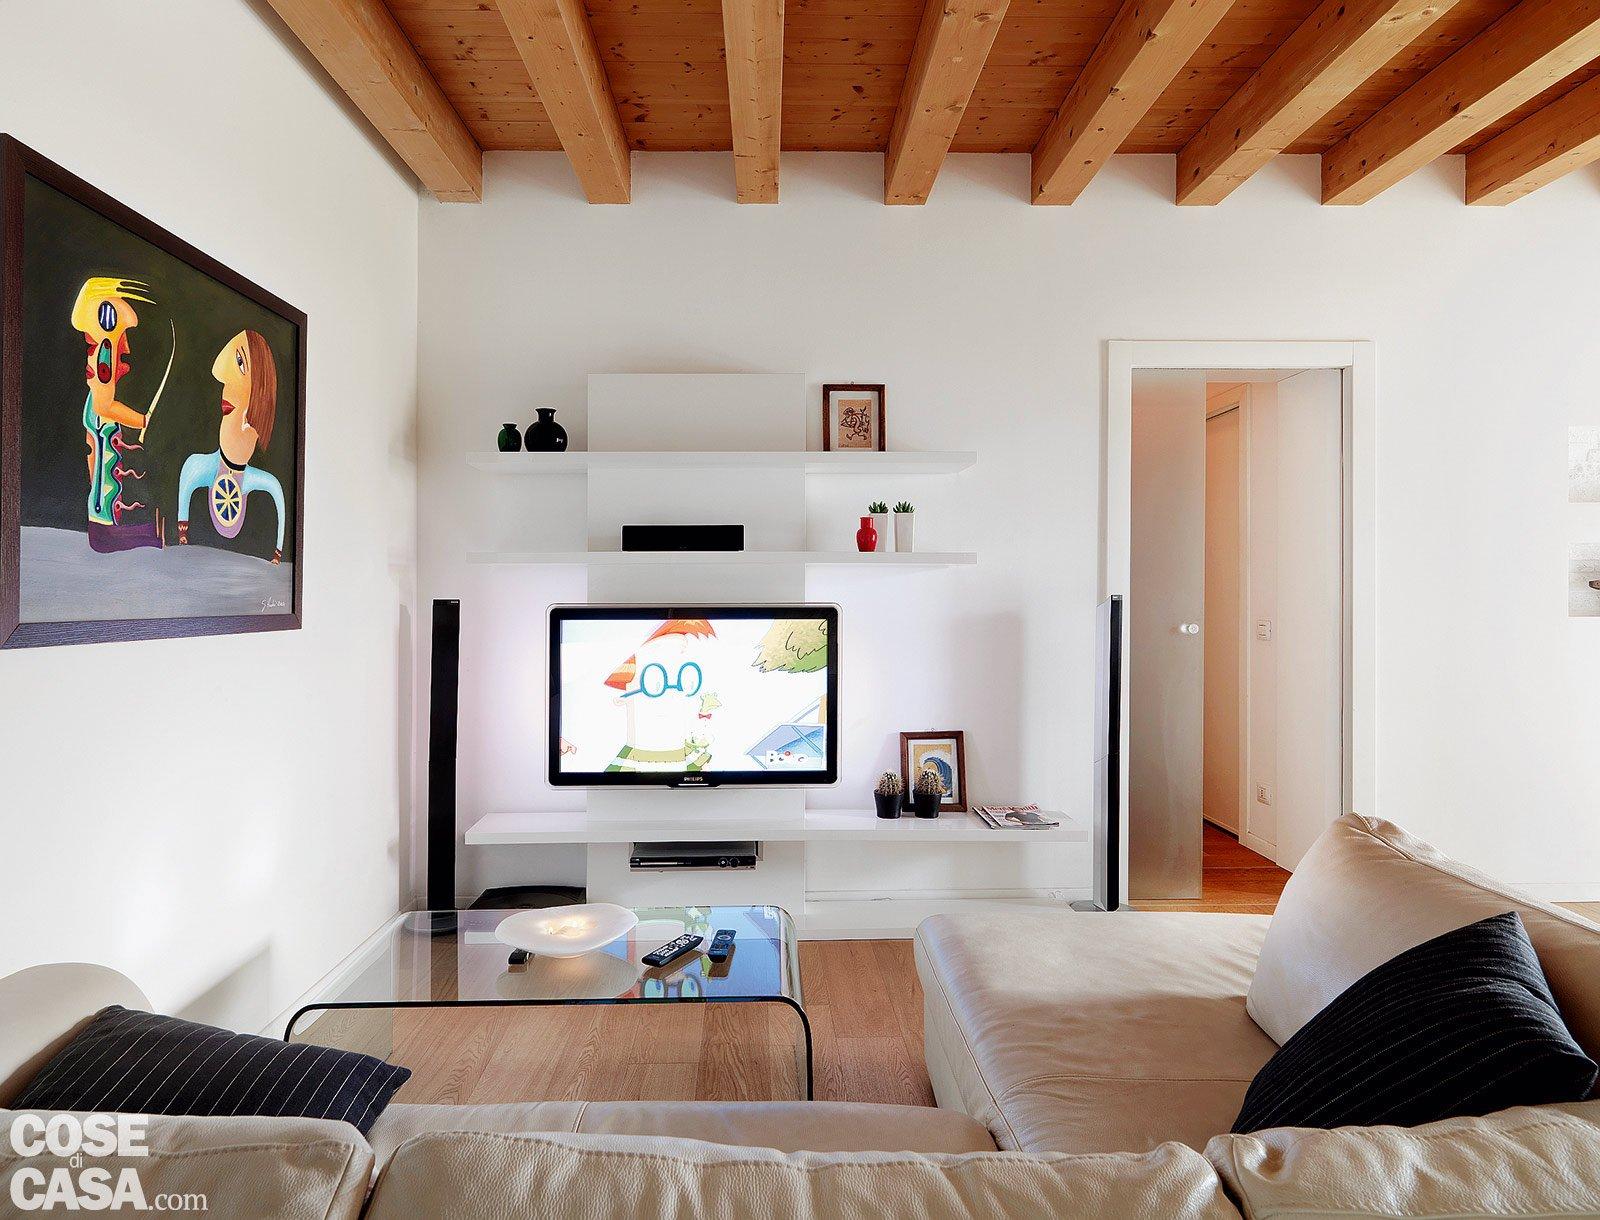 parete divisoria cucina soggiorno. cool il risultato una struttura ... - Muri Divisori Cucina Soggiorno 2